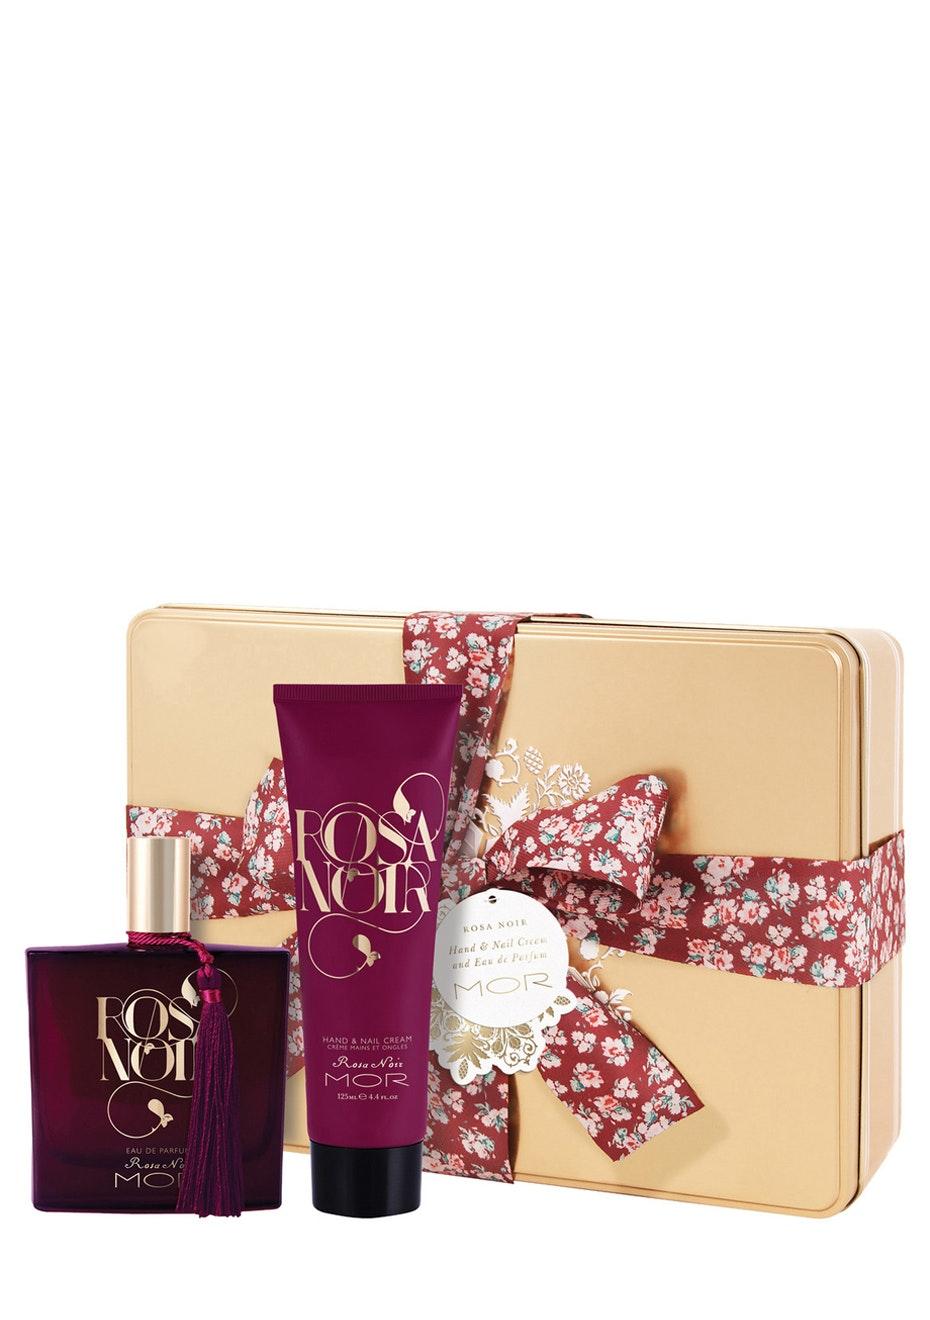 MOR - Lust Rosa Noir Edp 50ml Set